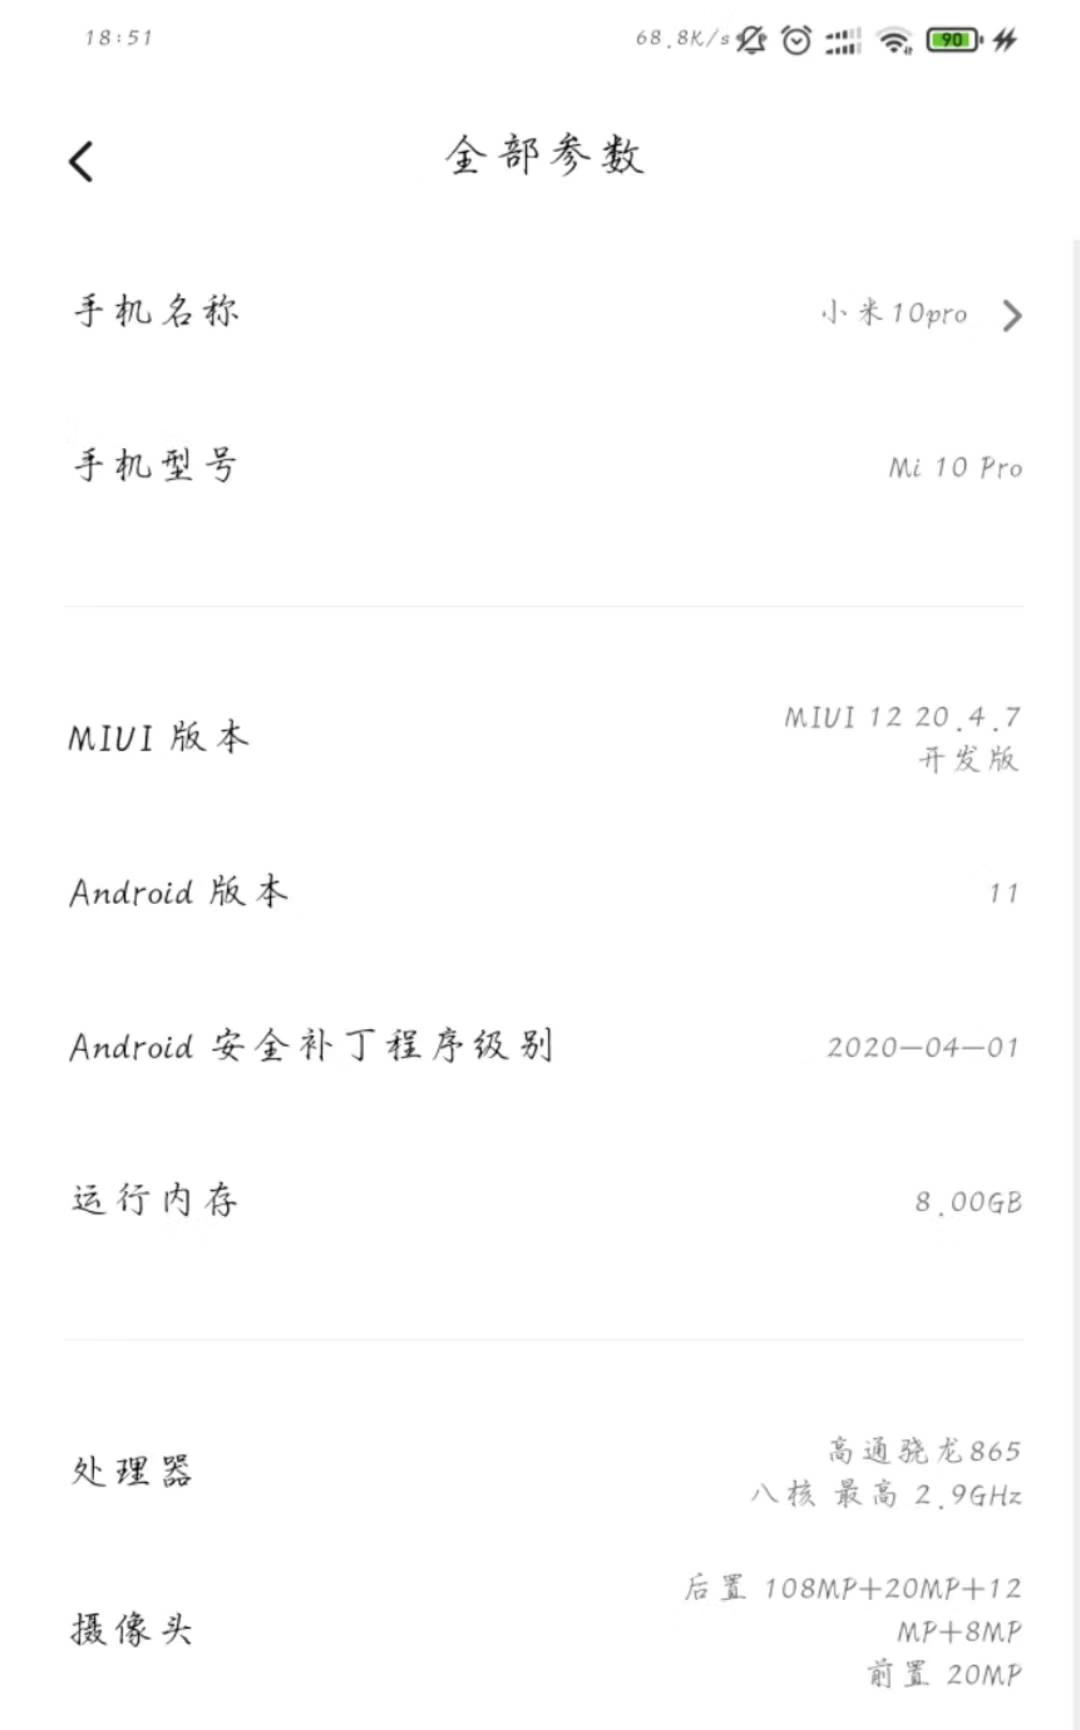 El Xiaomi Mi 10 Pro es visto ejecutando la primera versión de desarrollo de MIUI 12 junto a Android 11